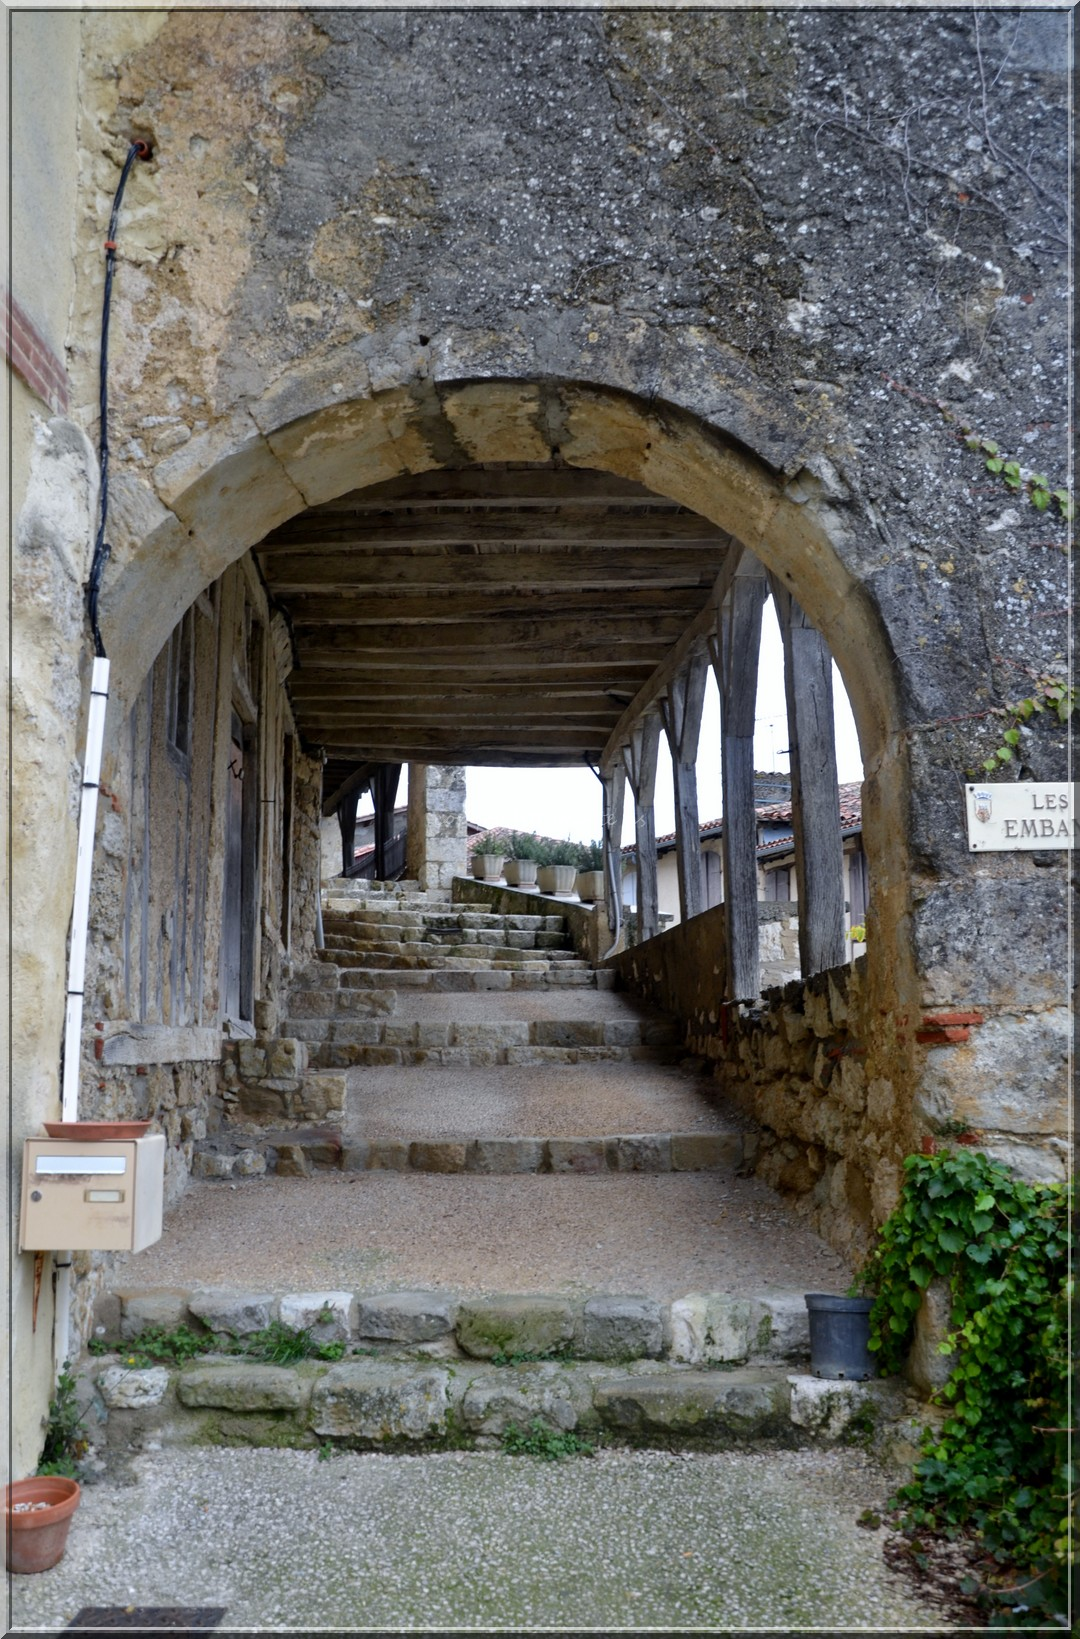 Les Embas - Castelnau Barbarens - Gers (2) 8-11-13